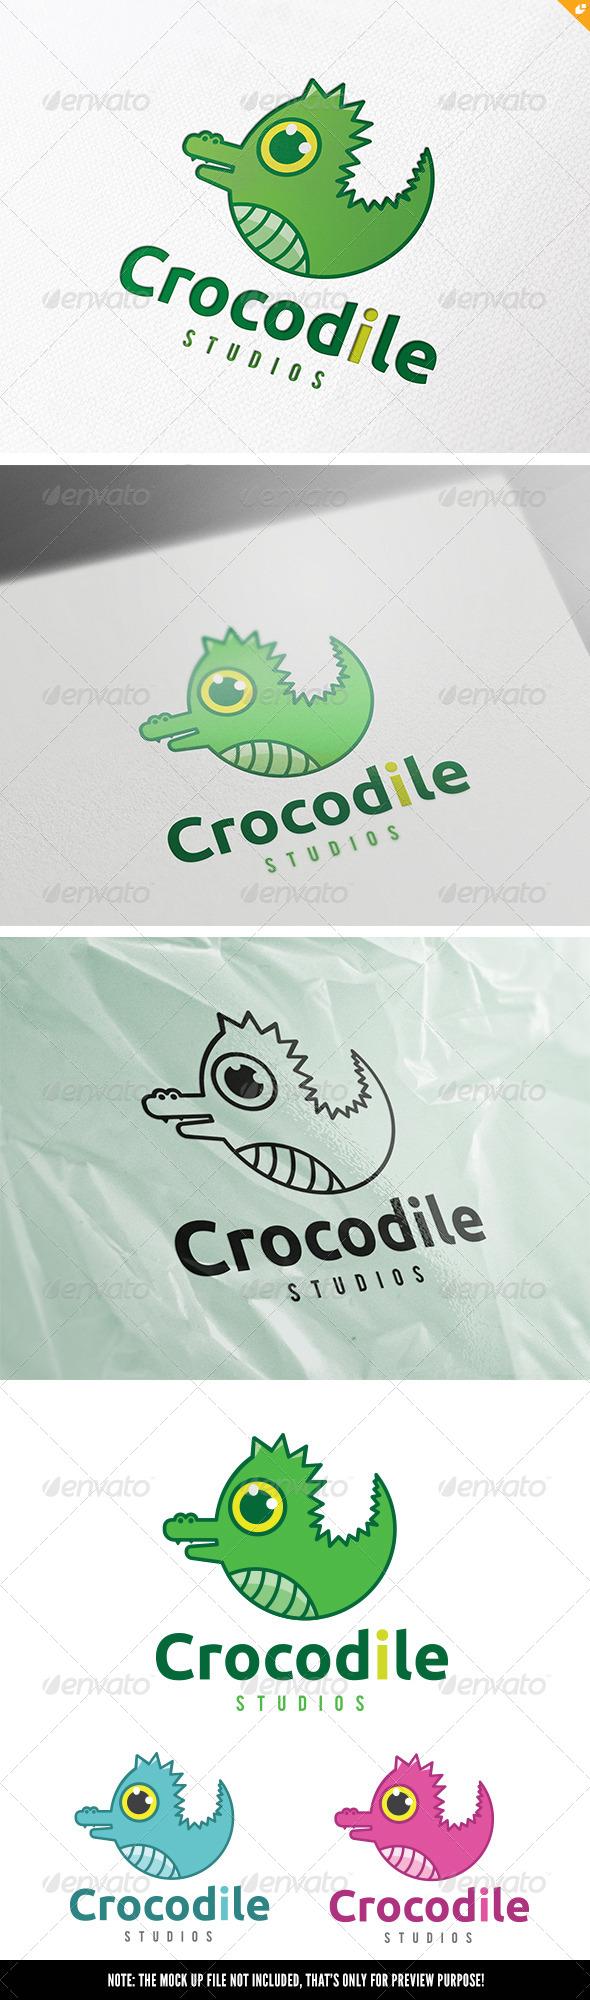 GraphicRiver Crocodile Studios 8339292